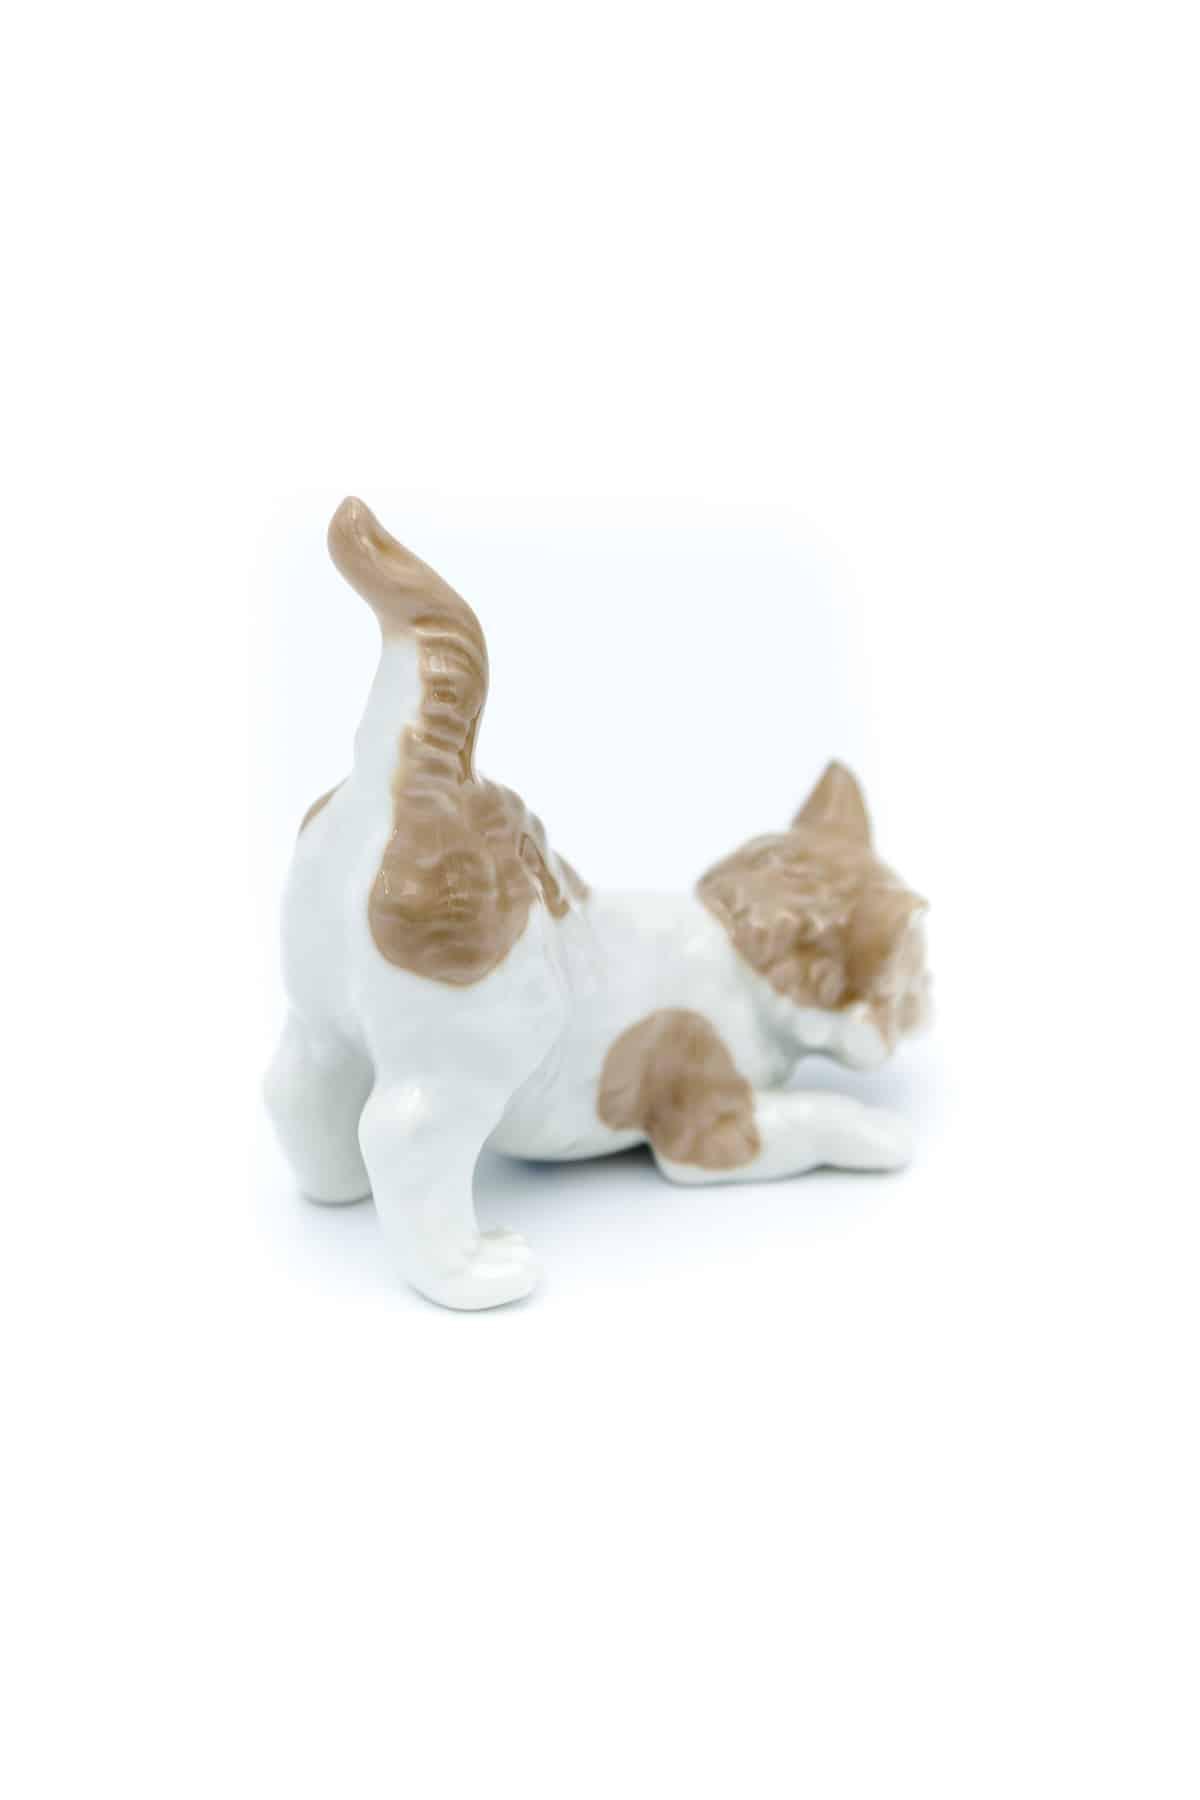 farforovaya statuetka igrivyy kotik